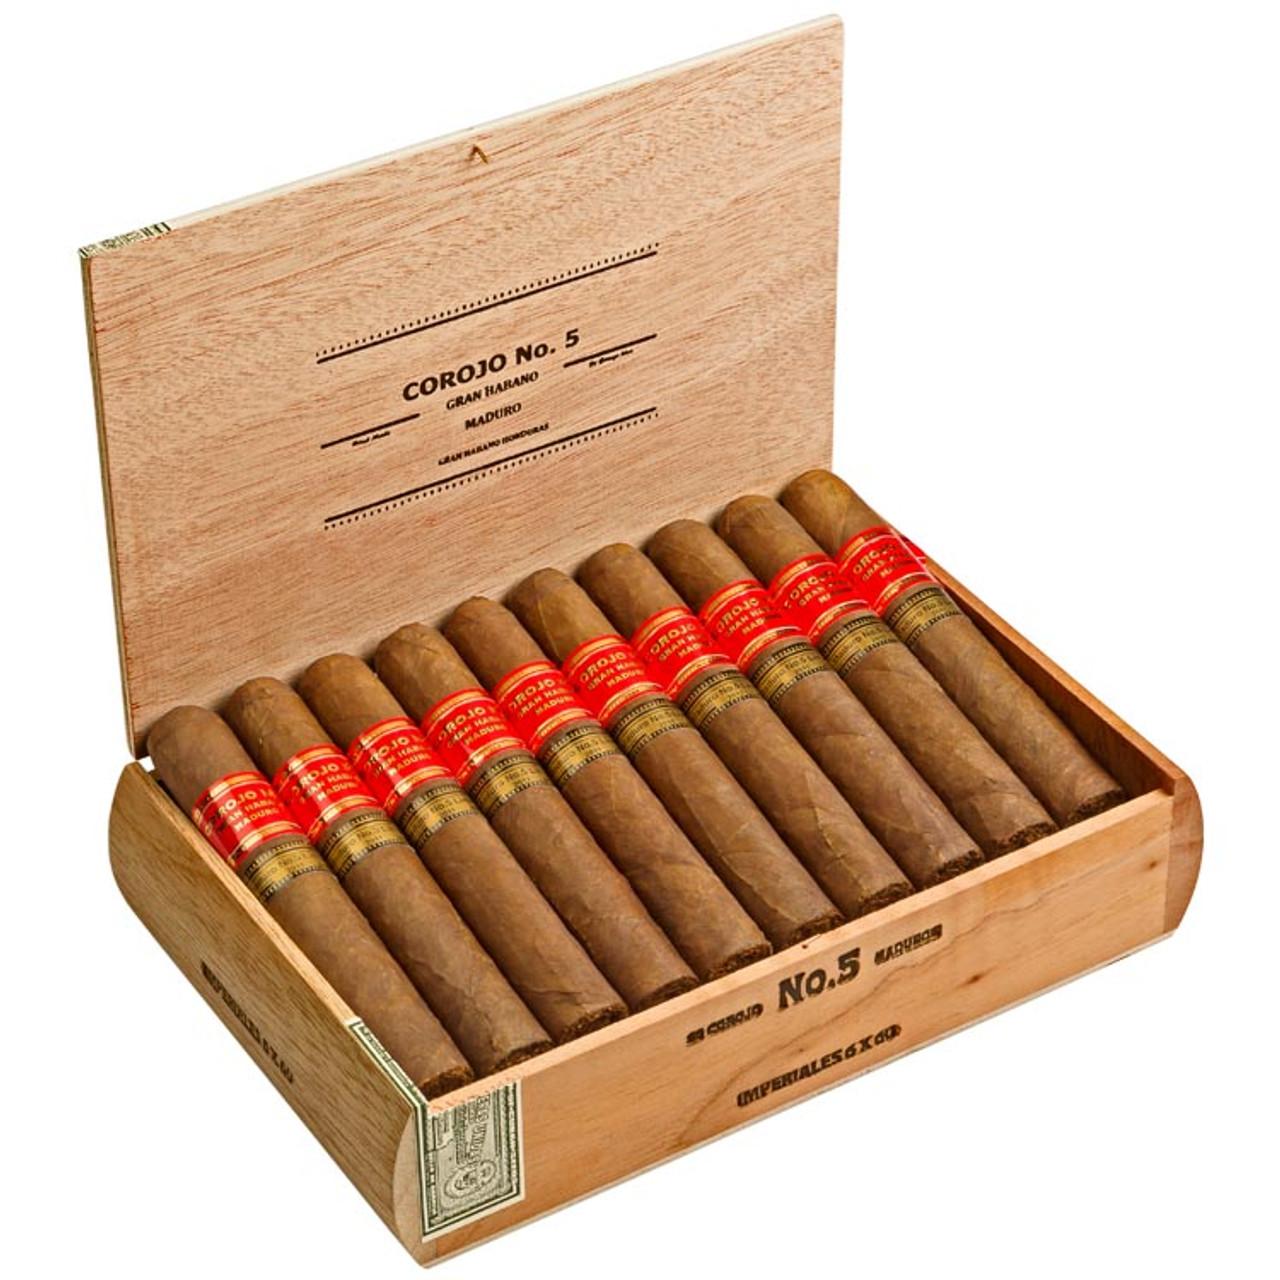 Gran Habano #5 Maduro Imperial Cigars - 6 x 60 (Box of 20)